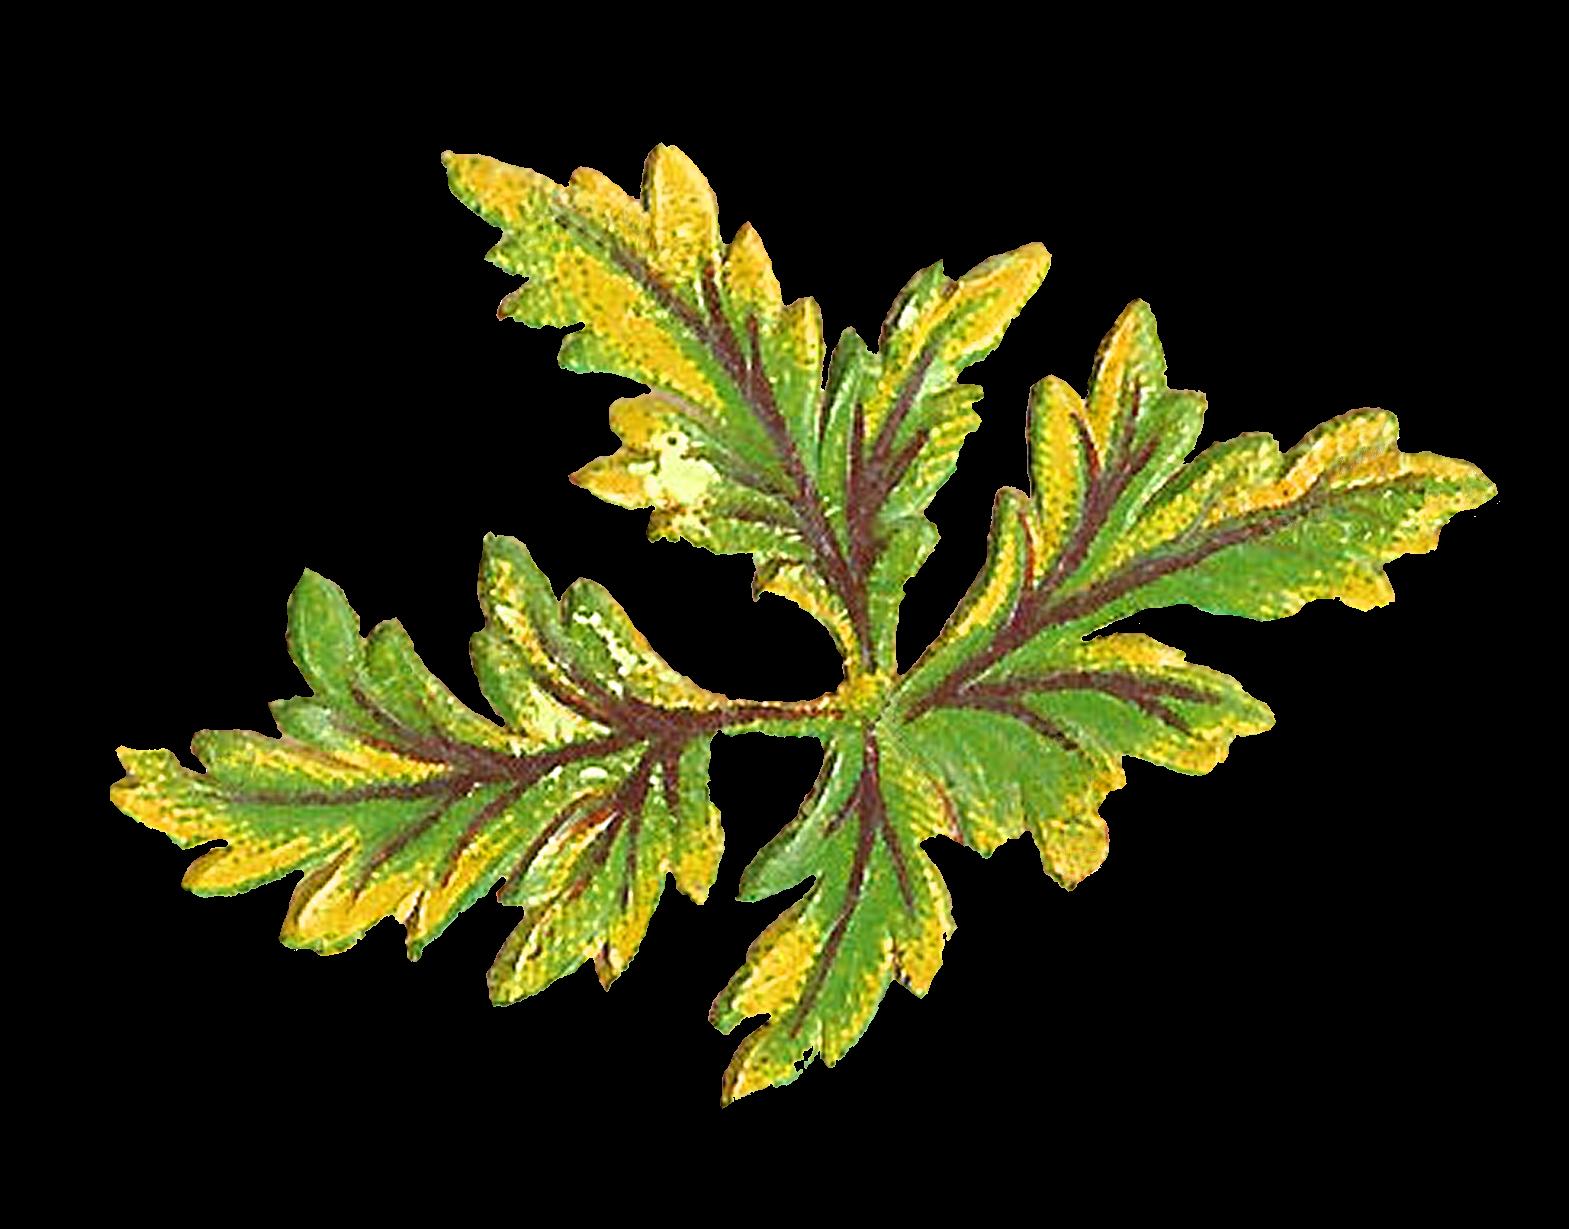 1569x1229 Antique Images Digital Botanical Artwork Stock Leaves Clip Art